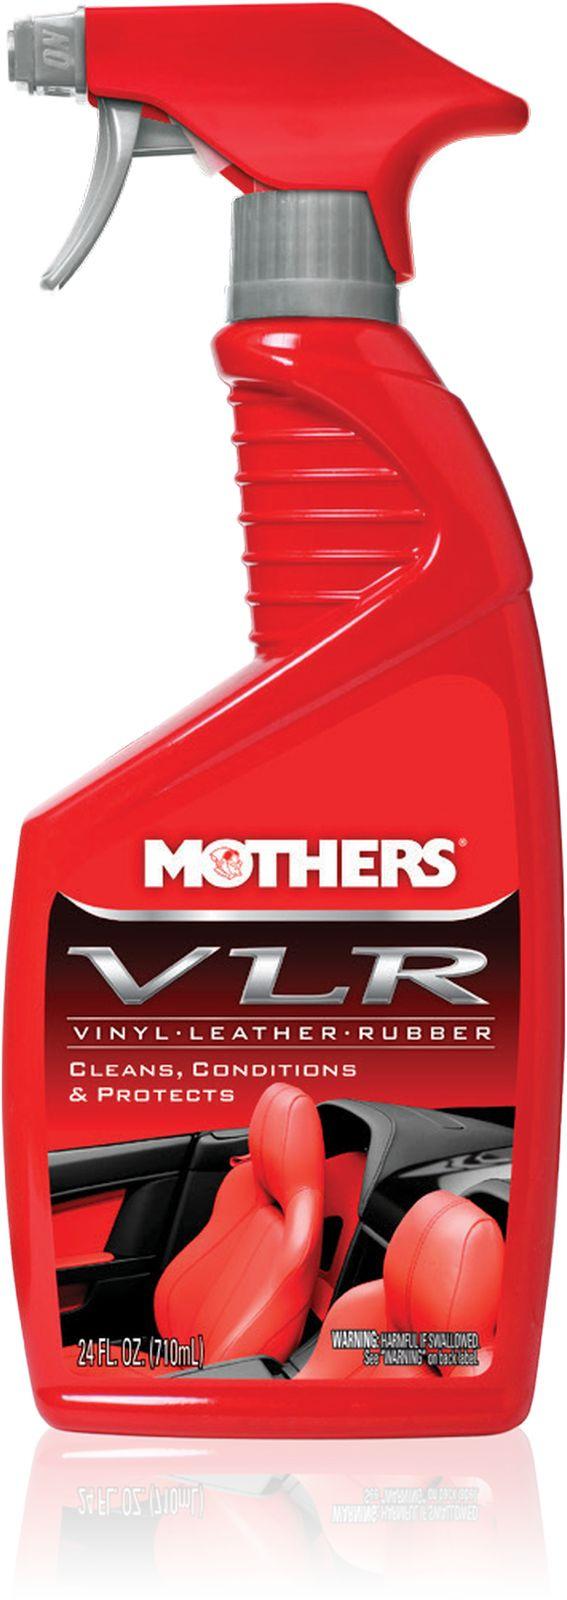 Очиститель салона Mothers, для винила, кожи и резины, 710 мл